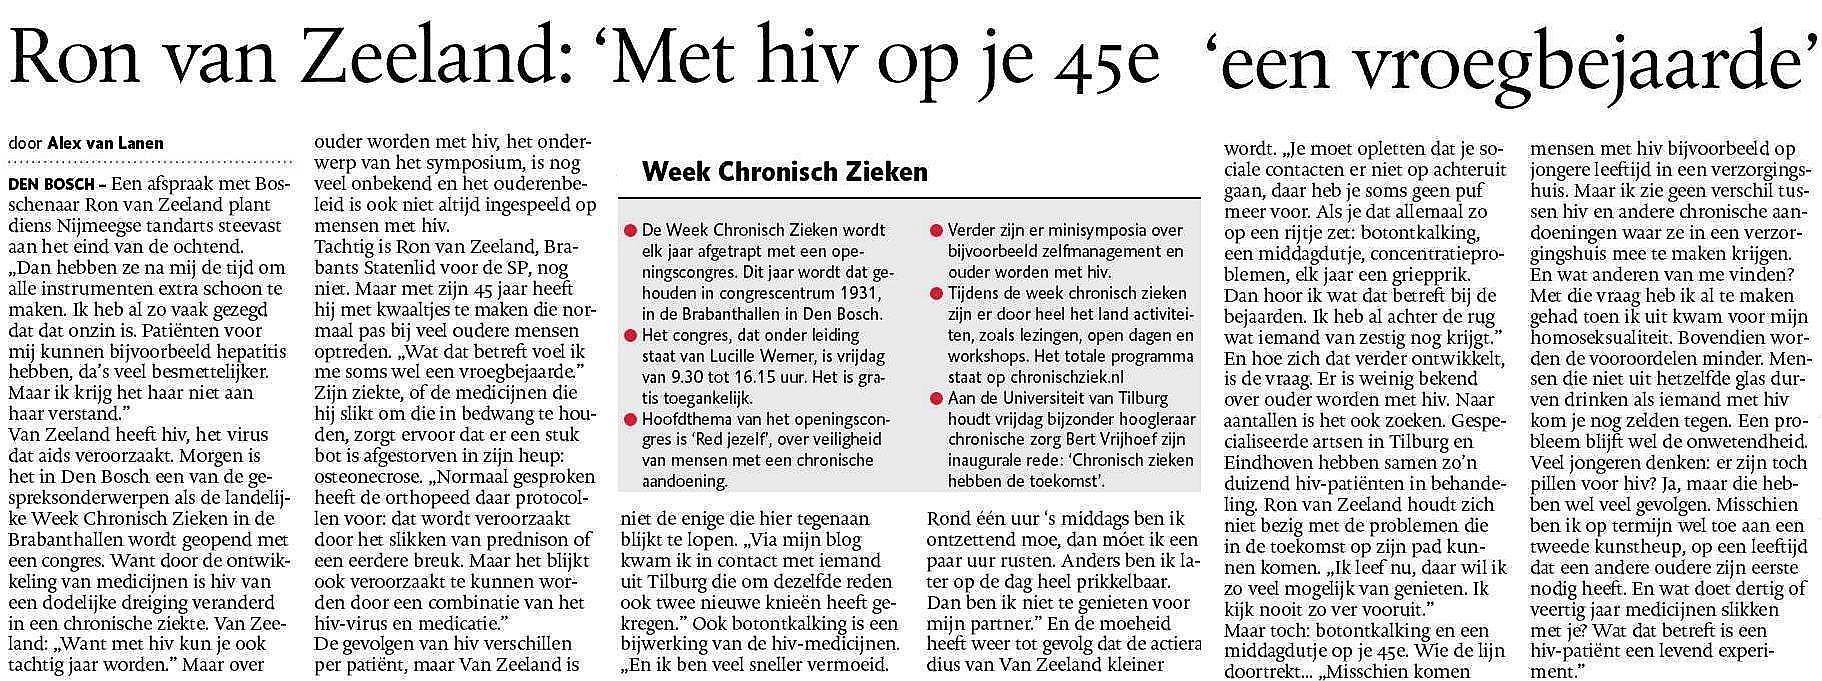 Ron van Zeeland - hiv - aids